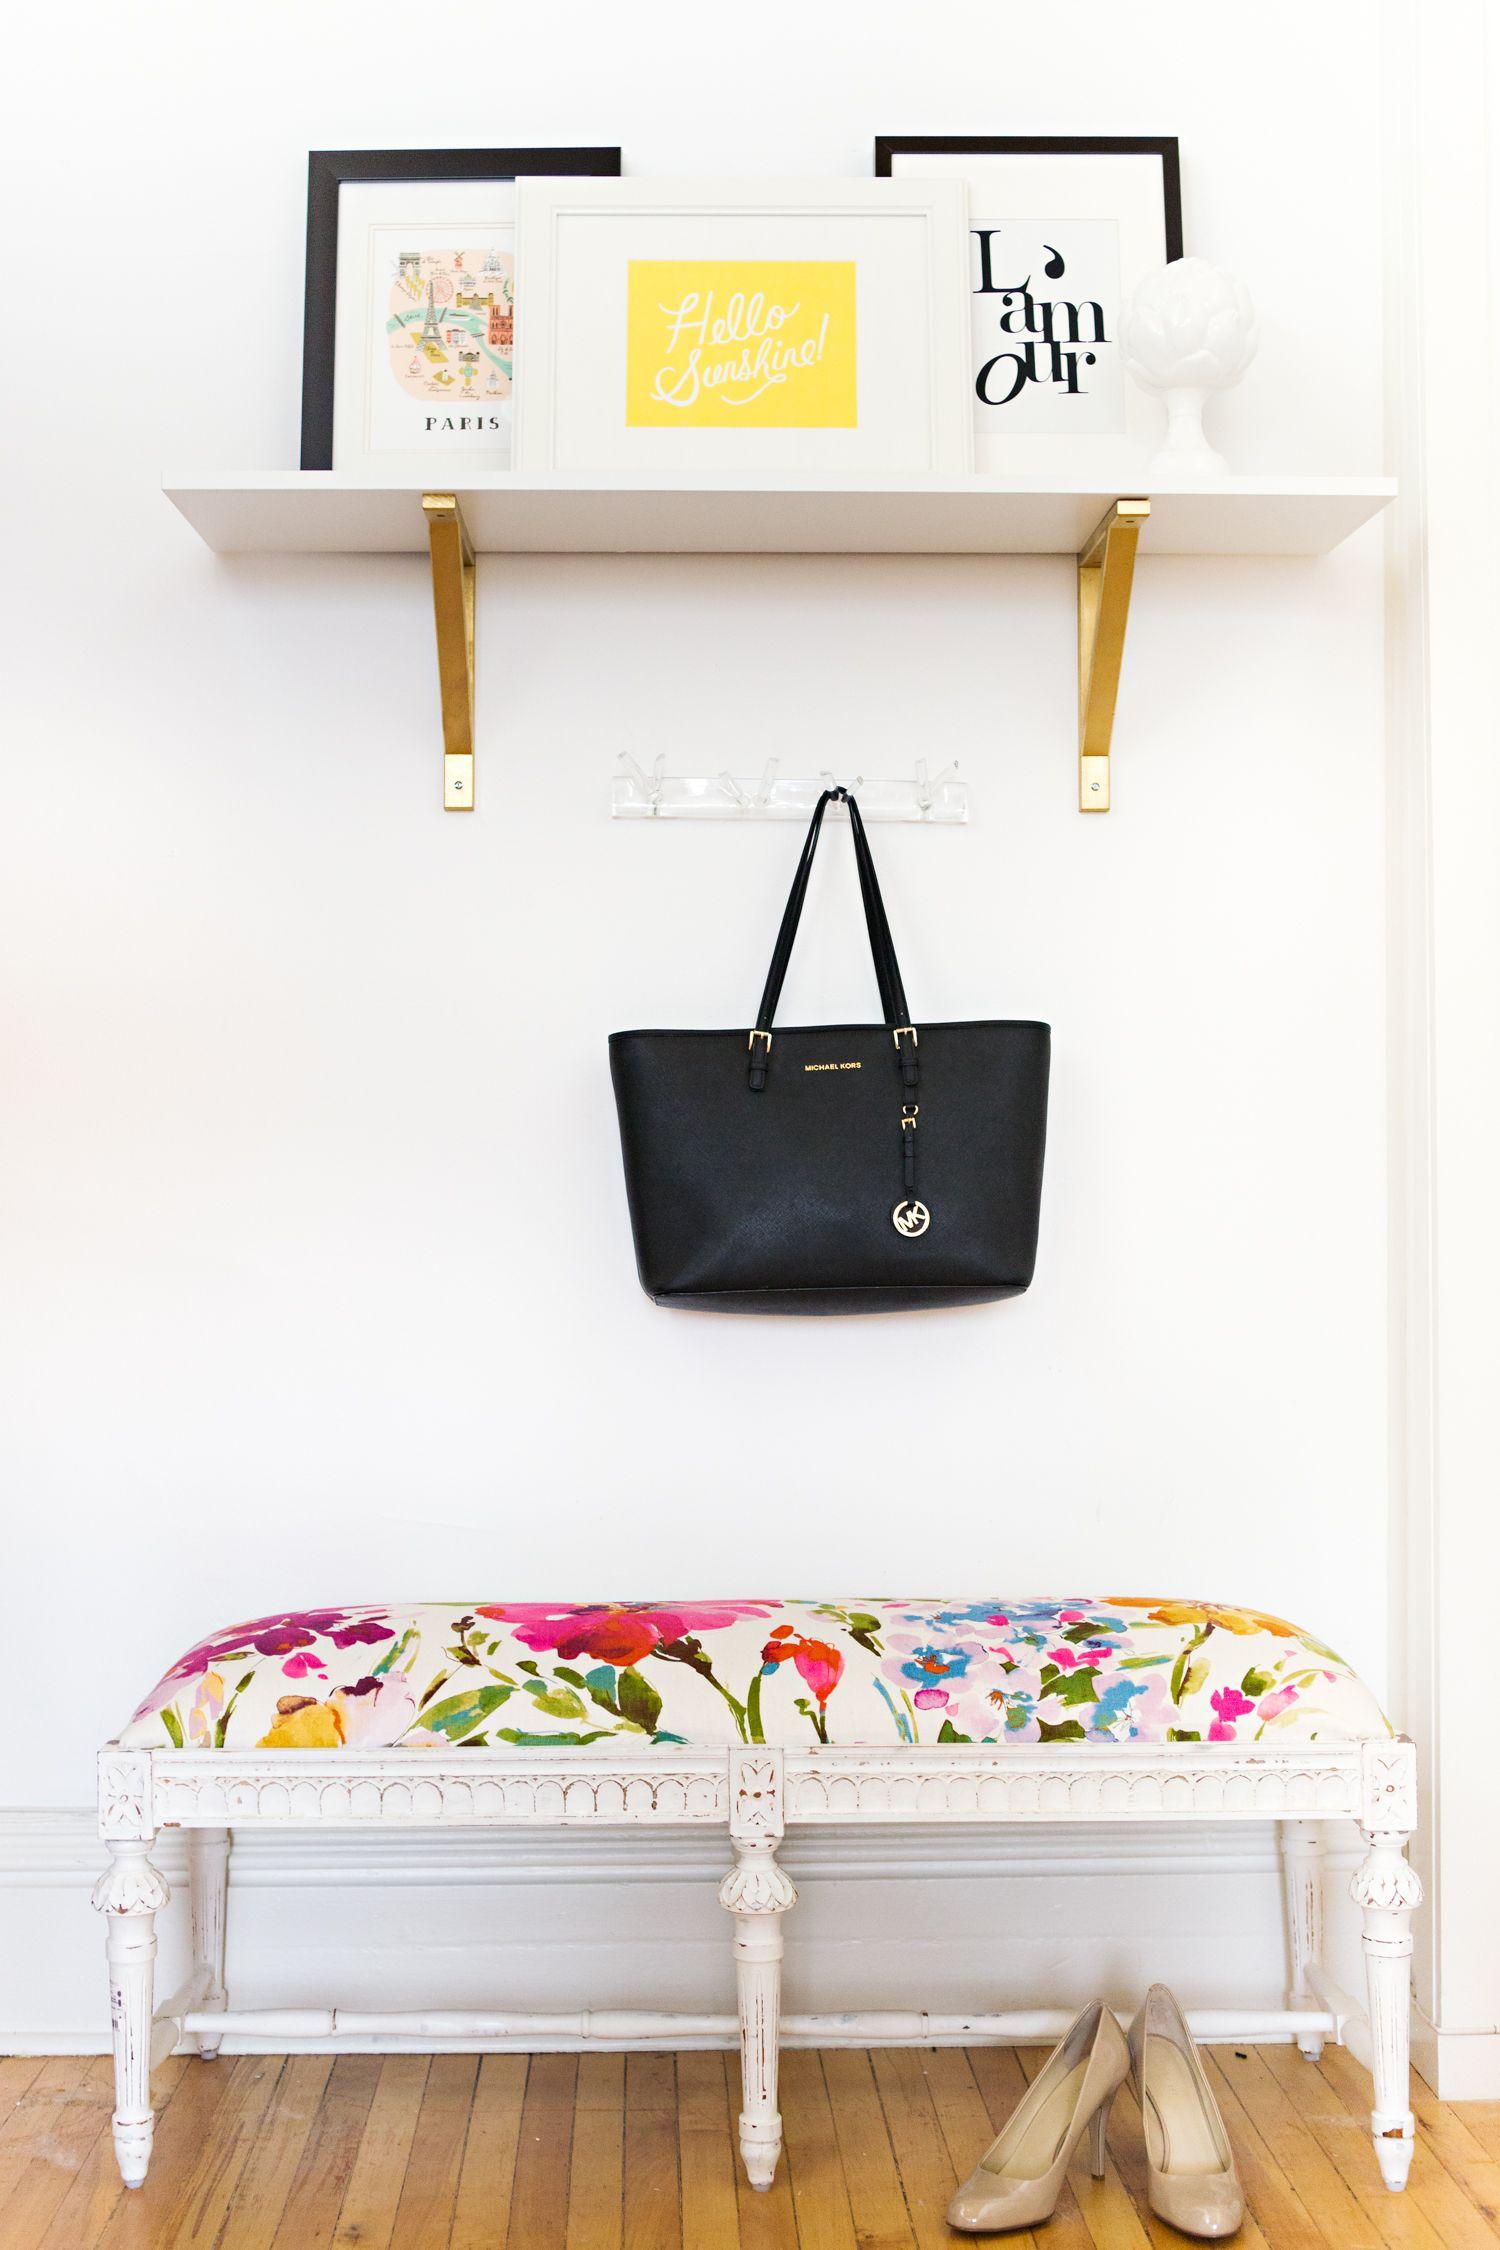 Ashley Malone's Bright & Airy Workspace {Office Tour} Home Office  #SenhoraInspiração  #SenhoraInspiraçãoBlog  www.SenhoraInspiração.Blogspot.com.br